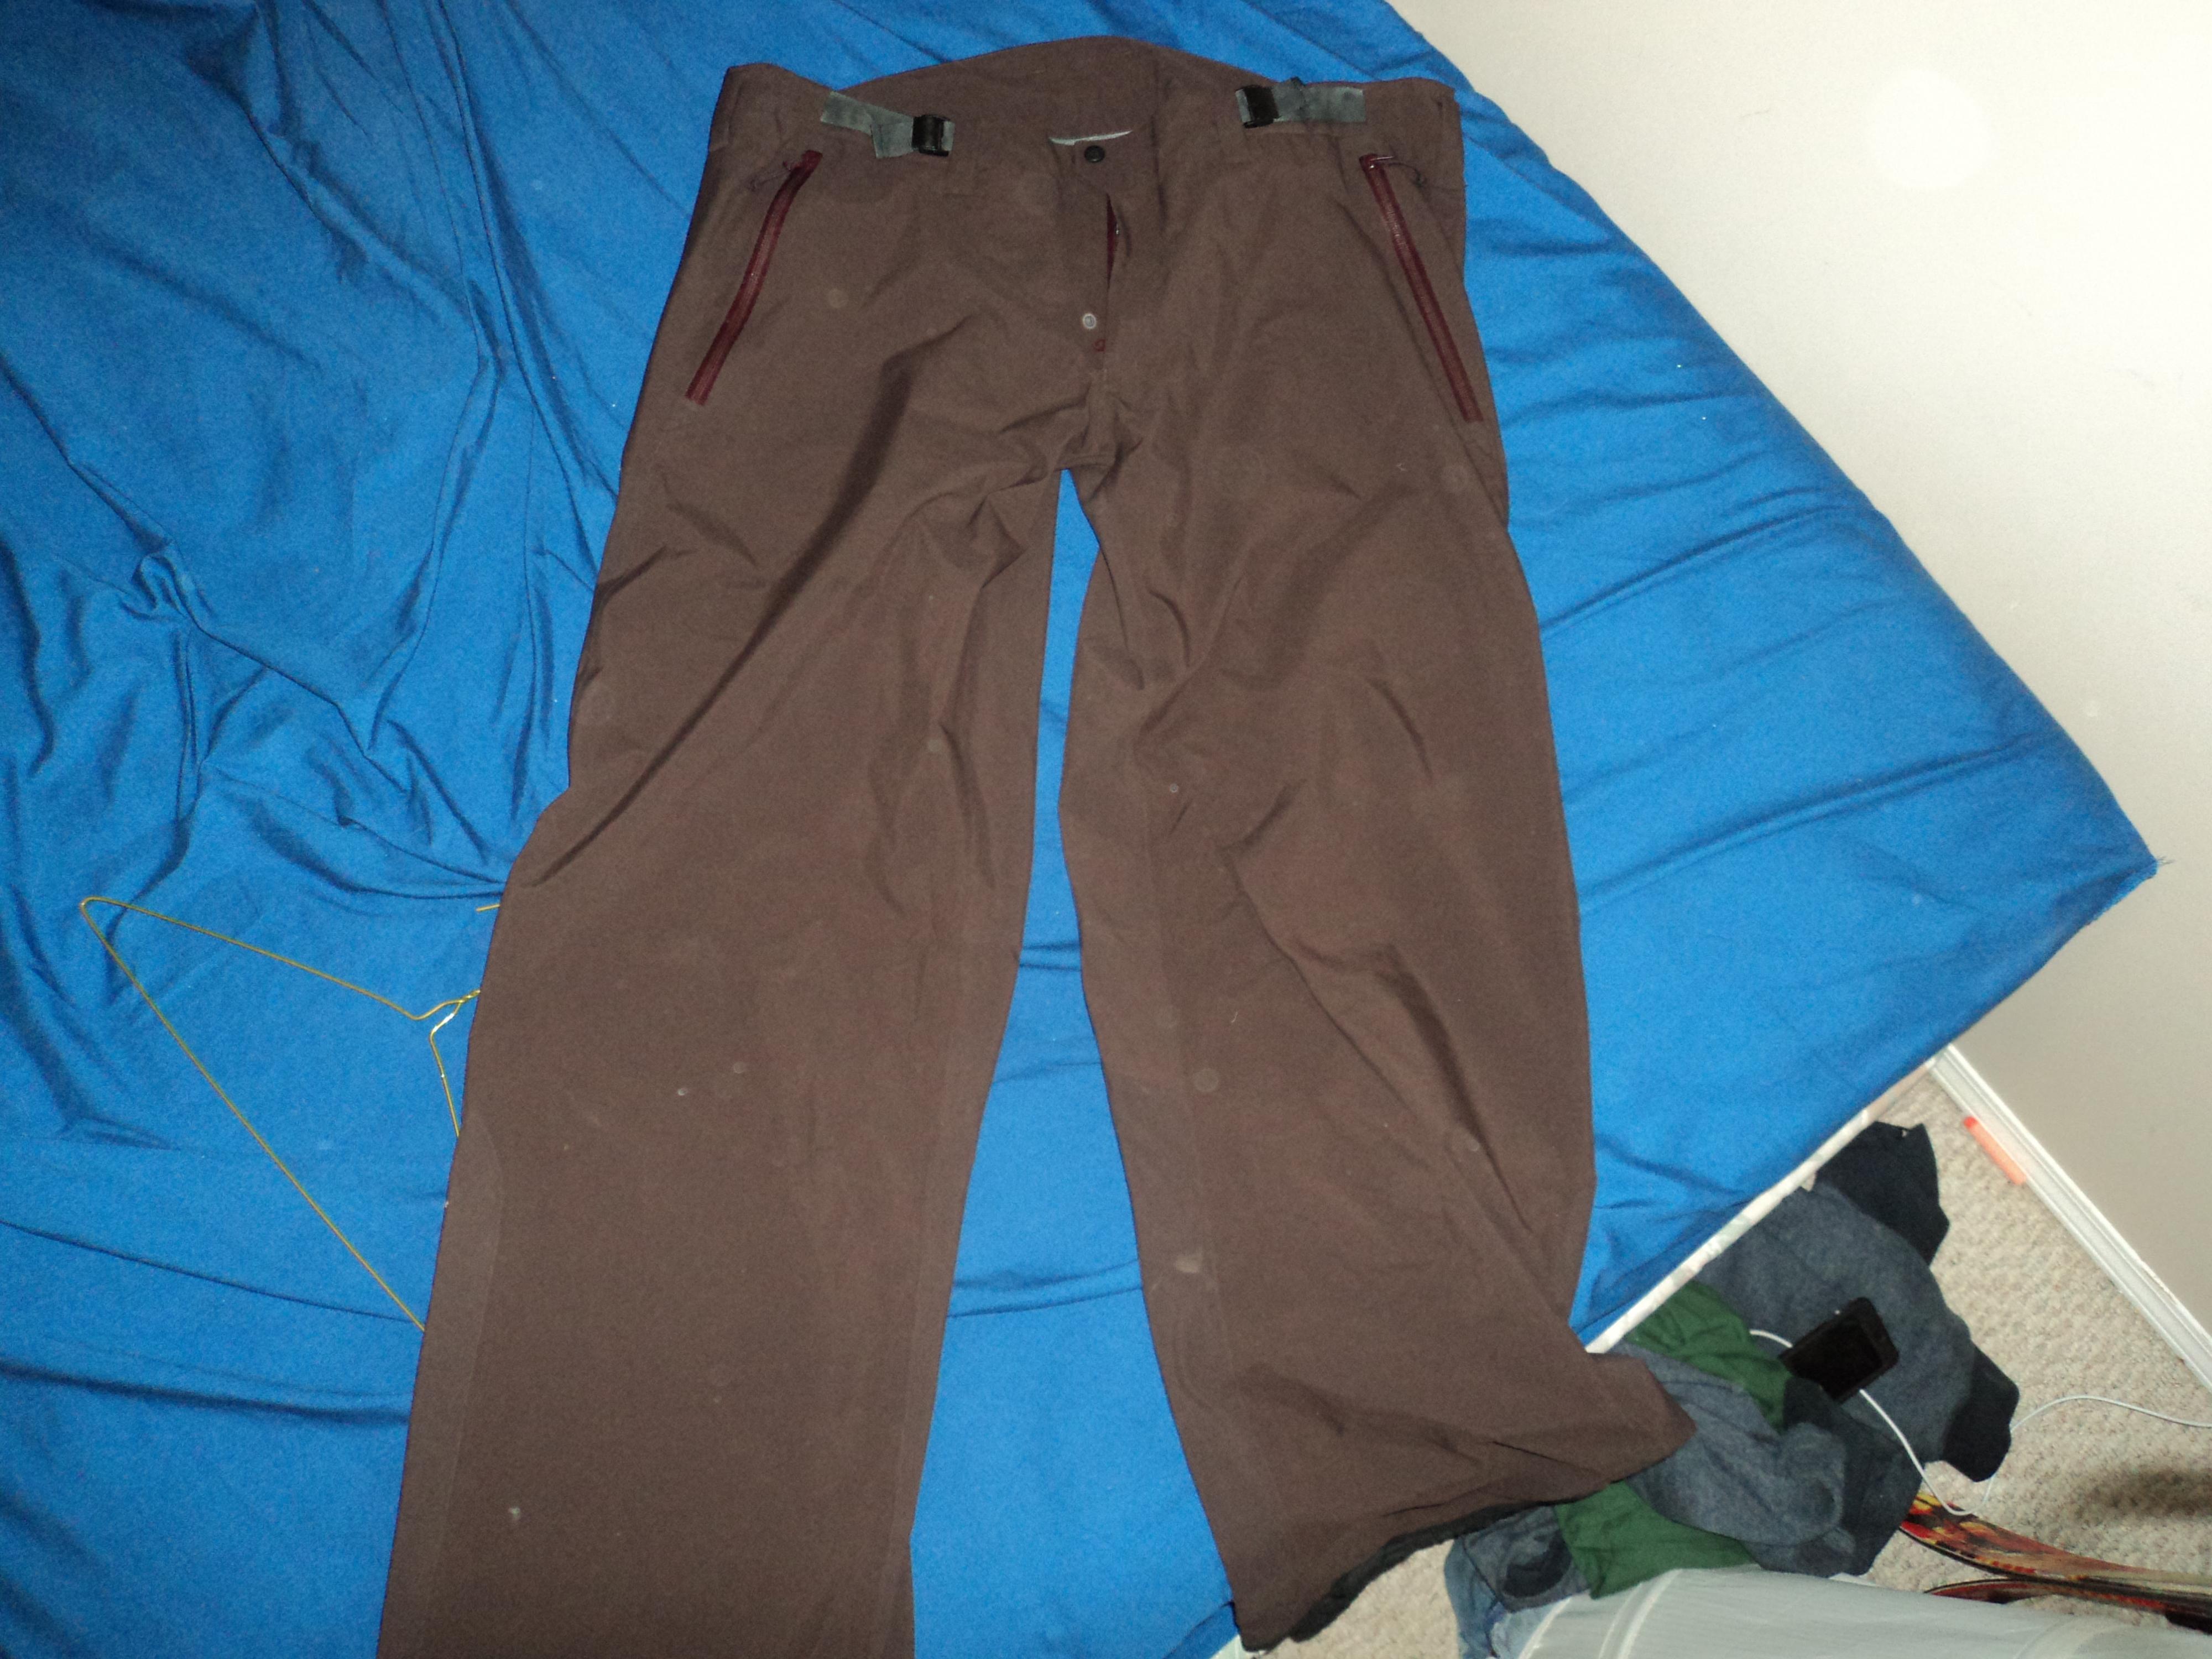 Arteryx xxl tall brown pants